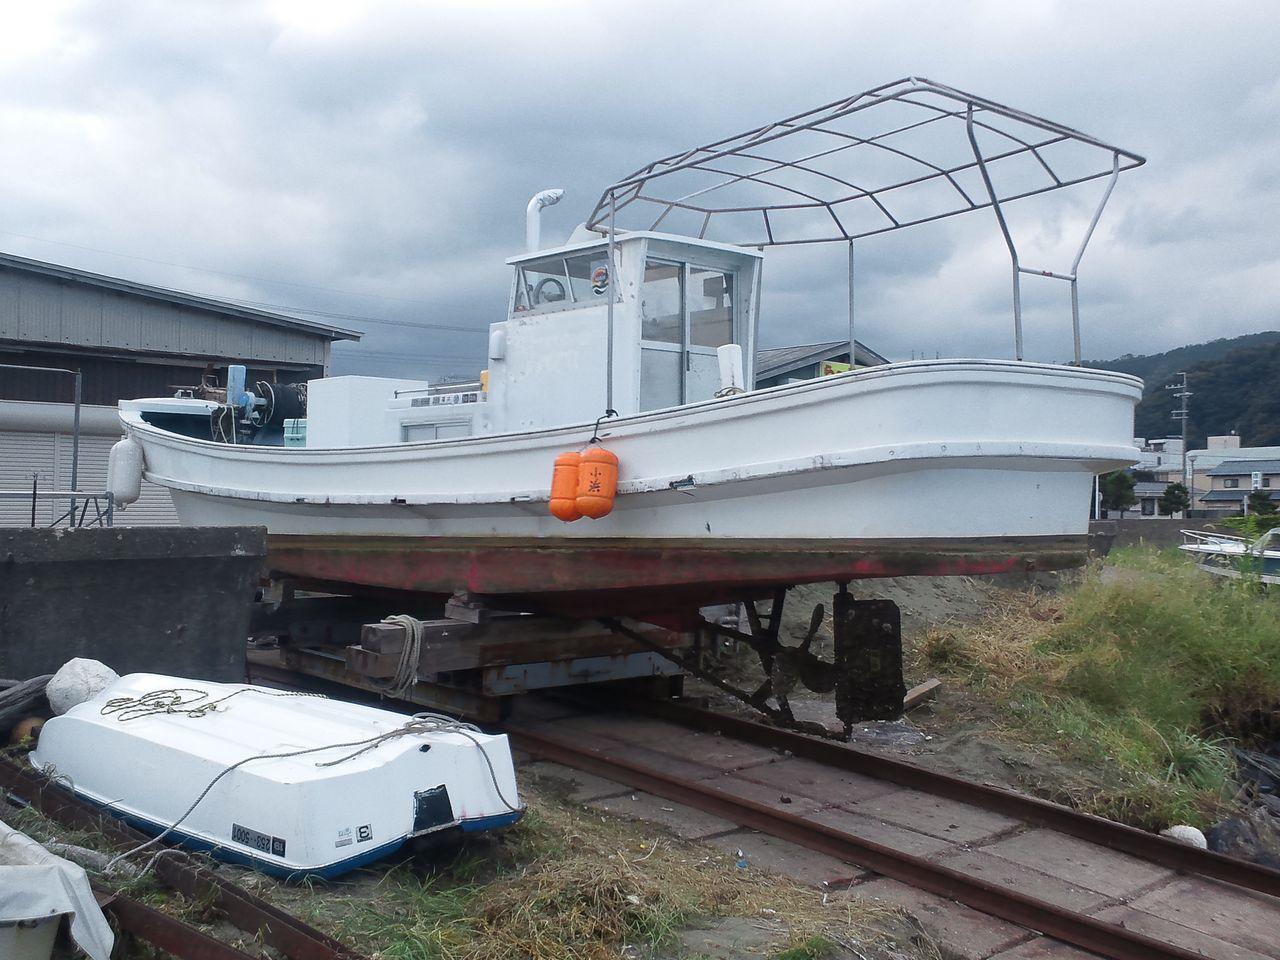 饗庭ボートサービスの…  漁船 船底塗装&船体補修コメント